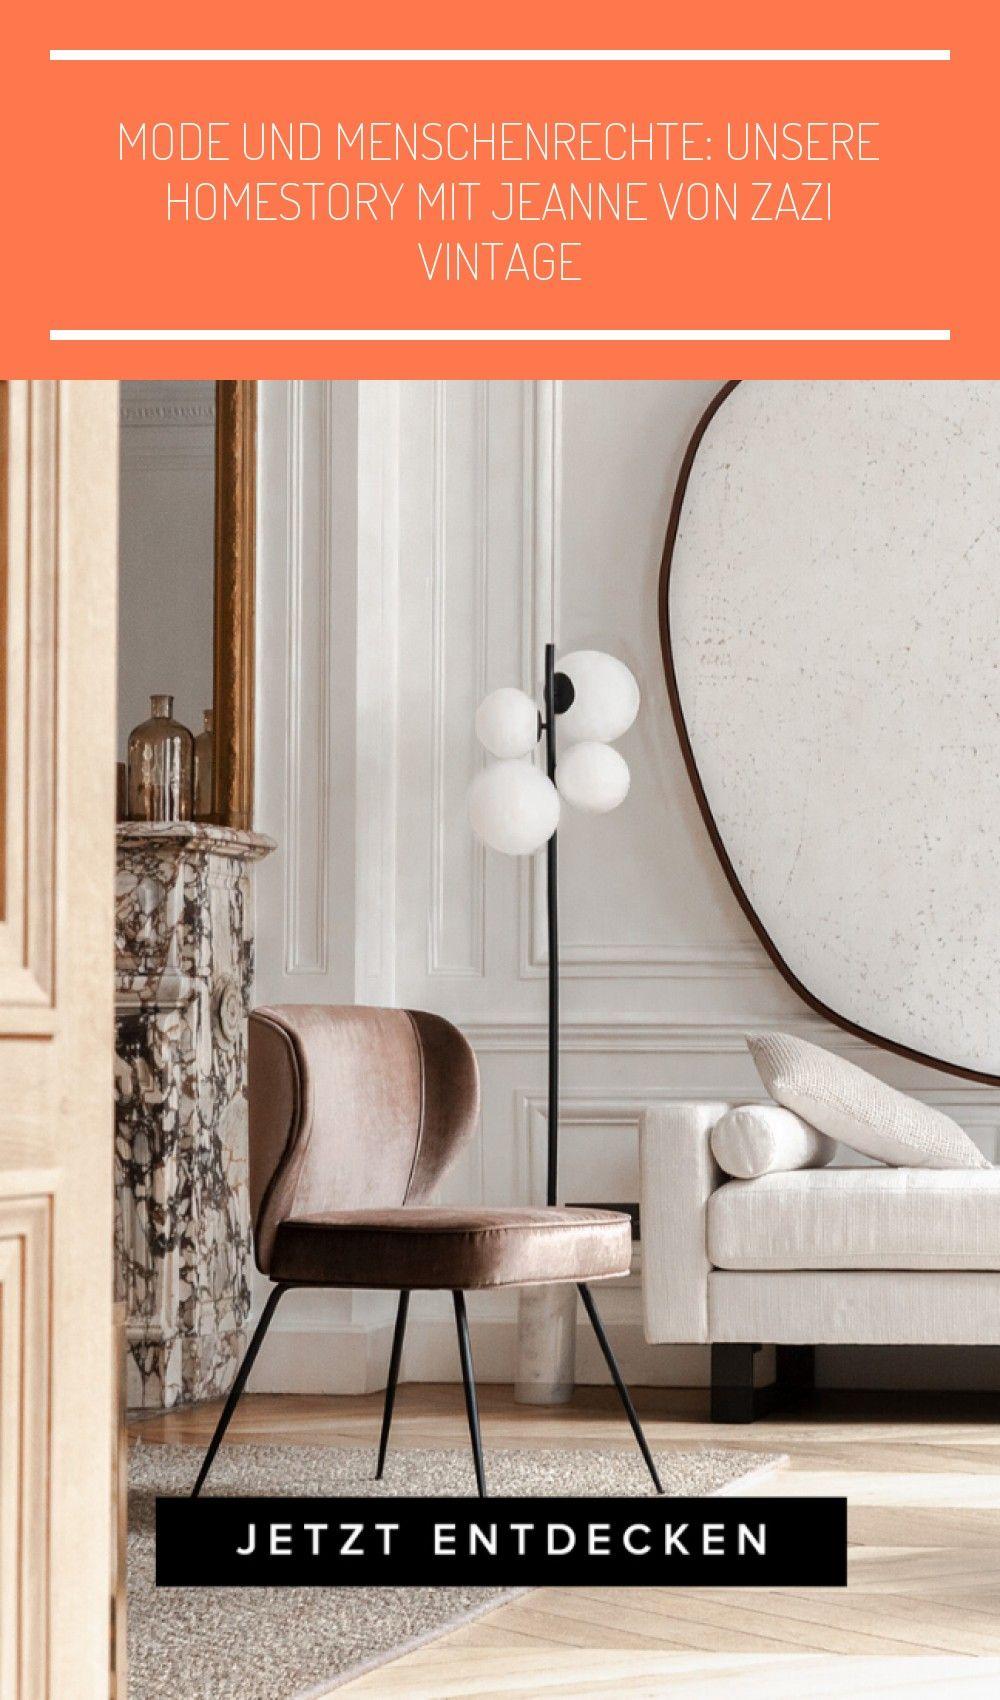 Möbel & Home Accessoires. Deko 10. Design, Eleganz & Qualität